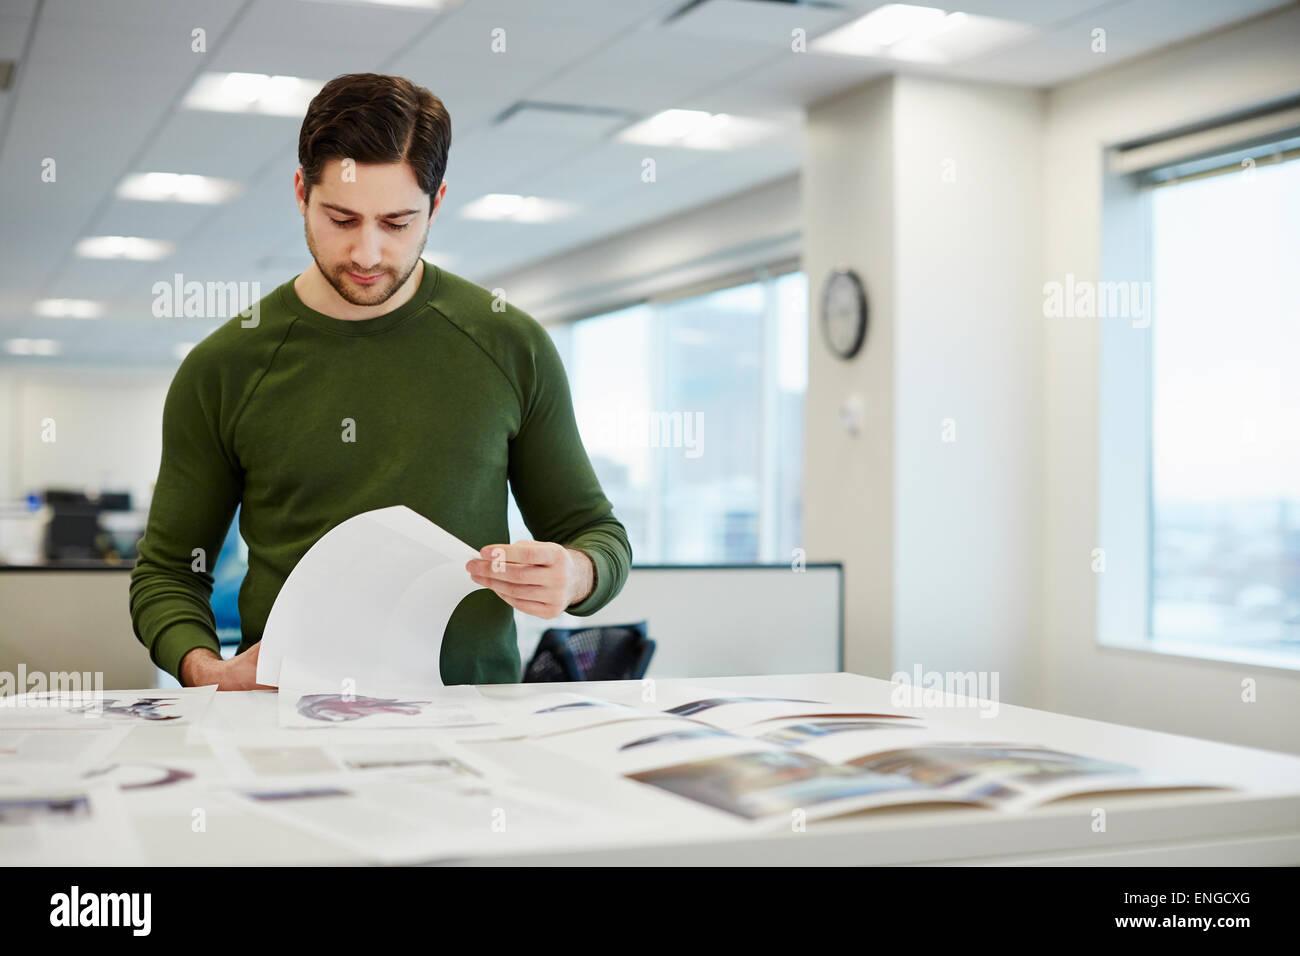 Un hombre en una oficina controlar las pruebas de páginas impresas. Imagen De Stock